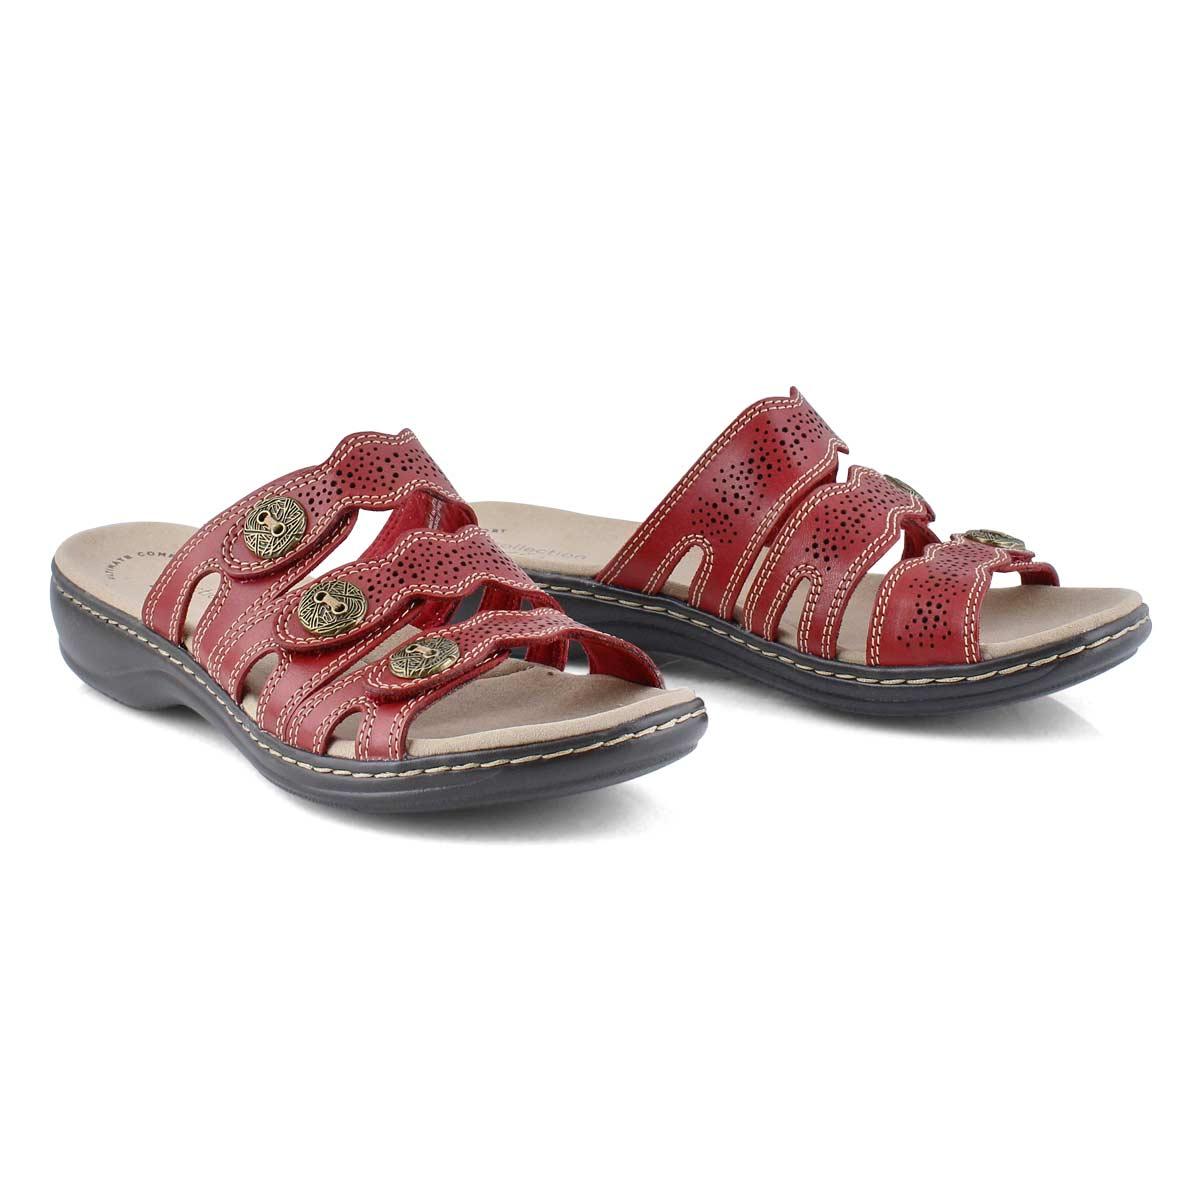 Lds Leisa Grace red casual slide sandal